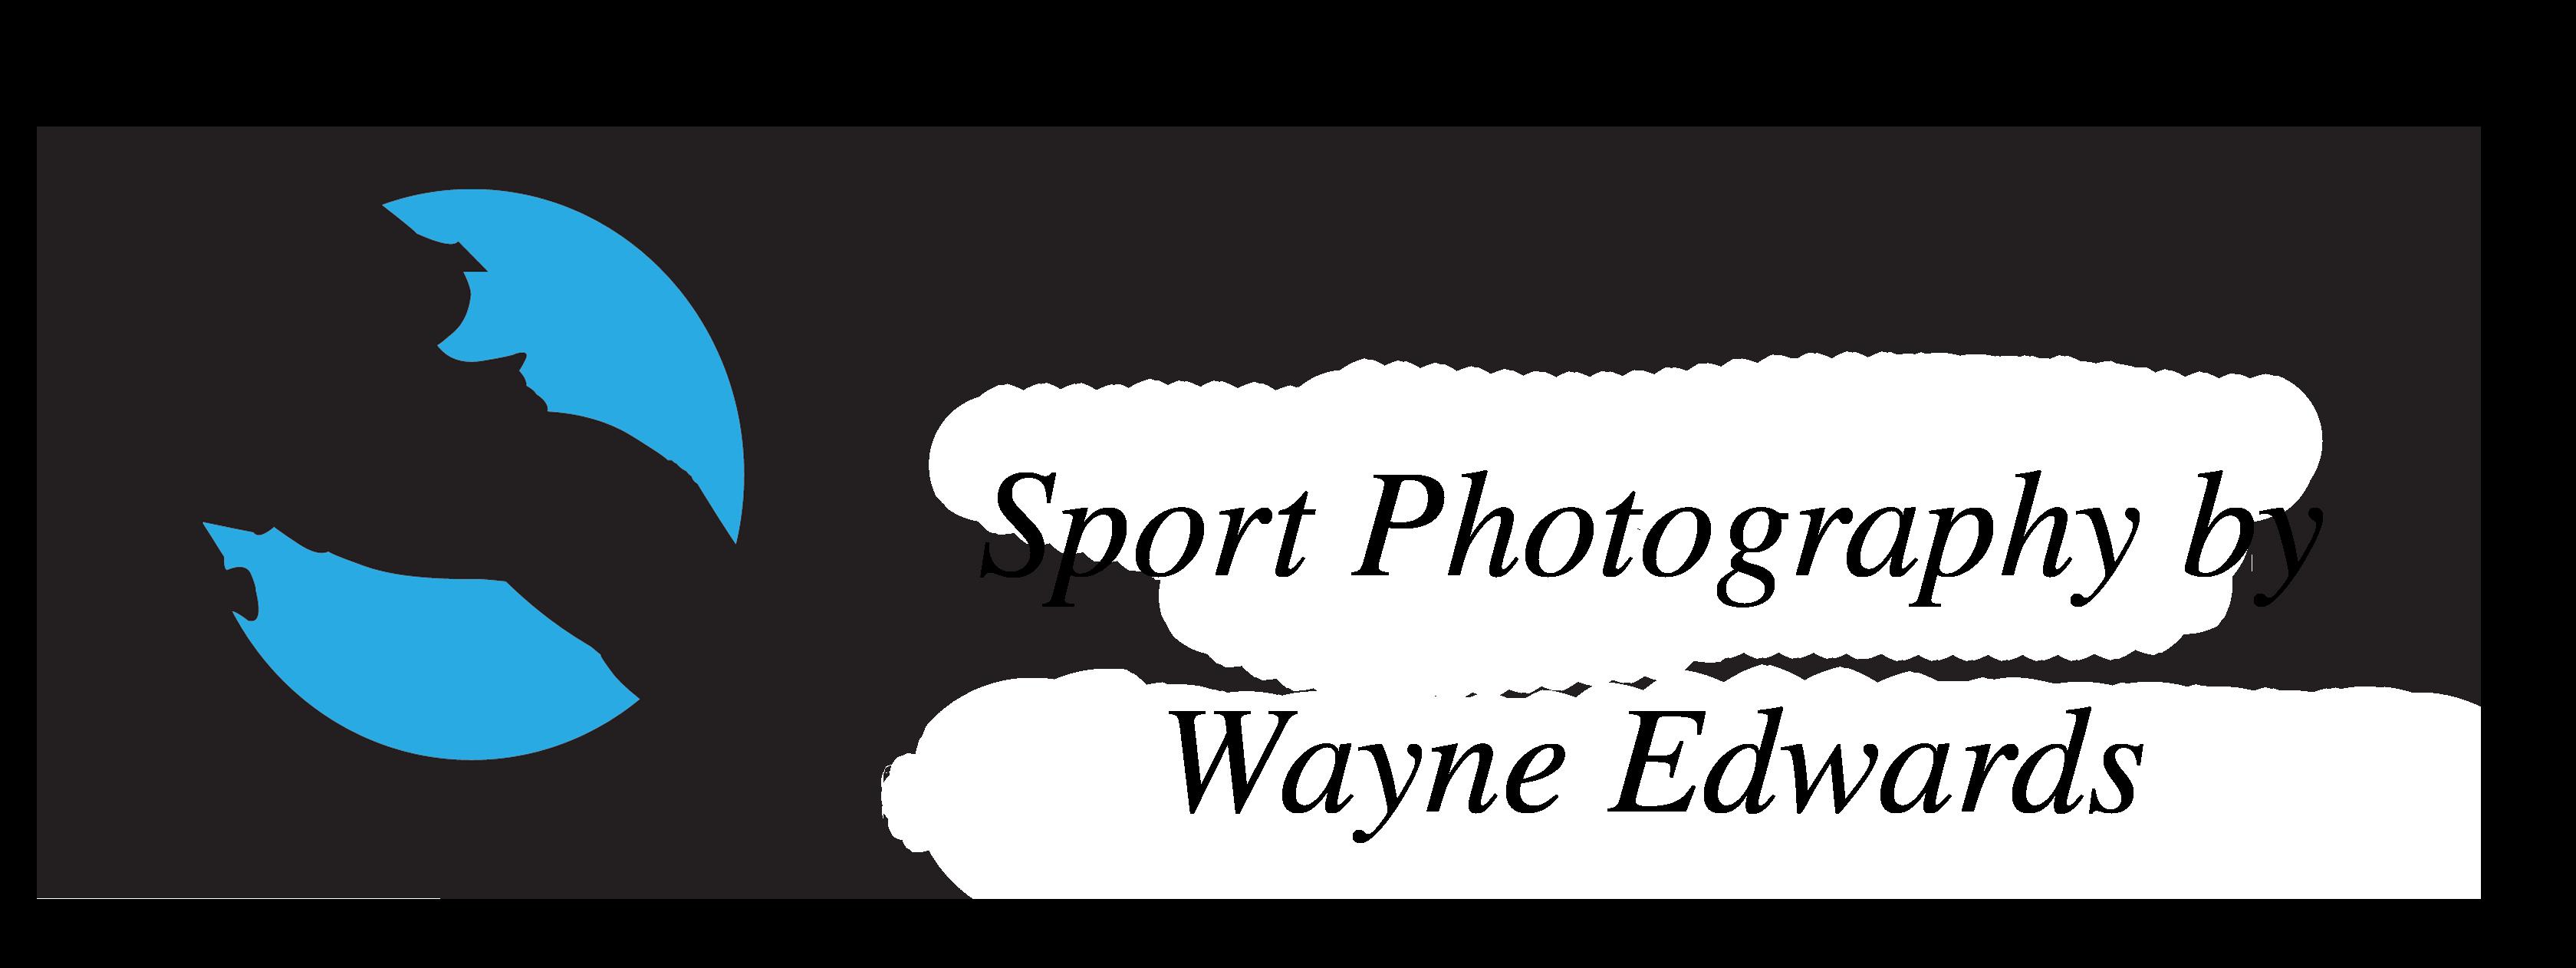 Waylib Photos - Photography by Wayne Edwards